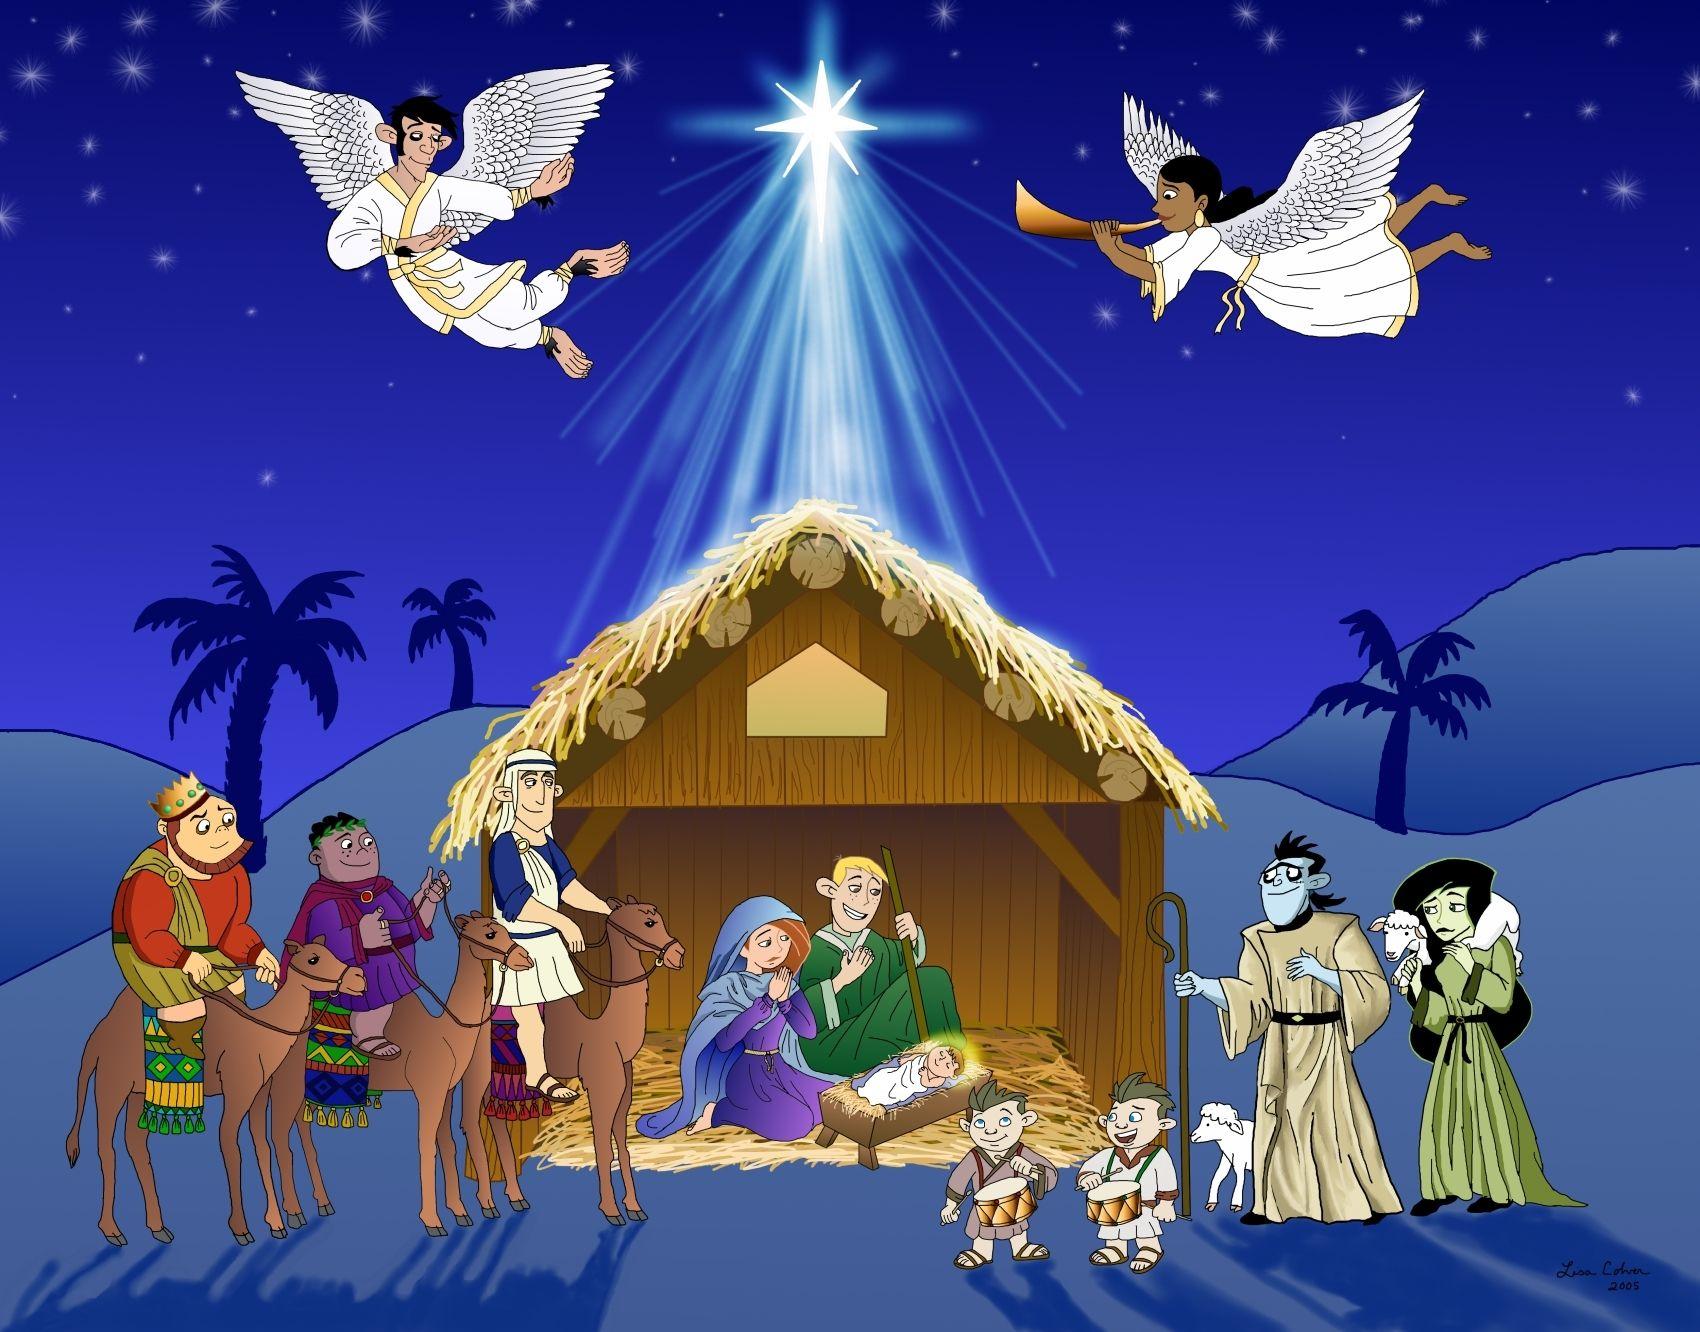 hight resolution of nativity scene clip art kim possible nativity scene by drakkenfan fan art digital art